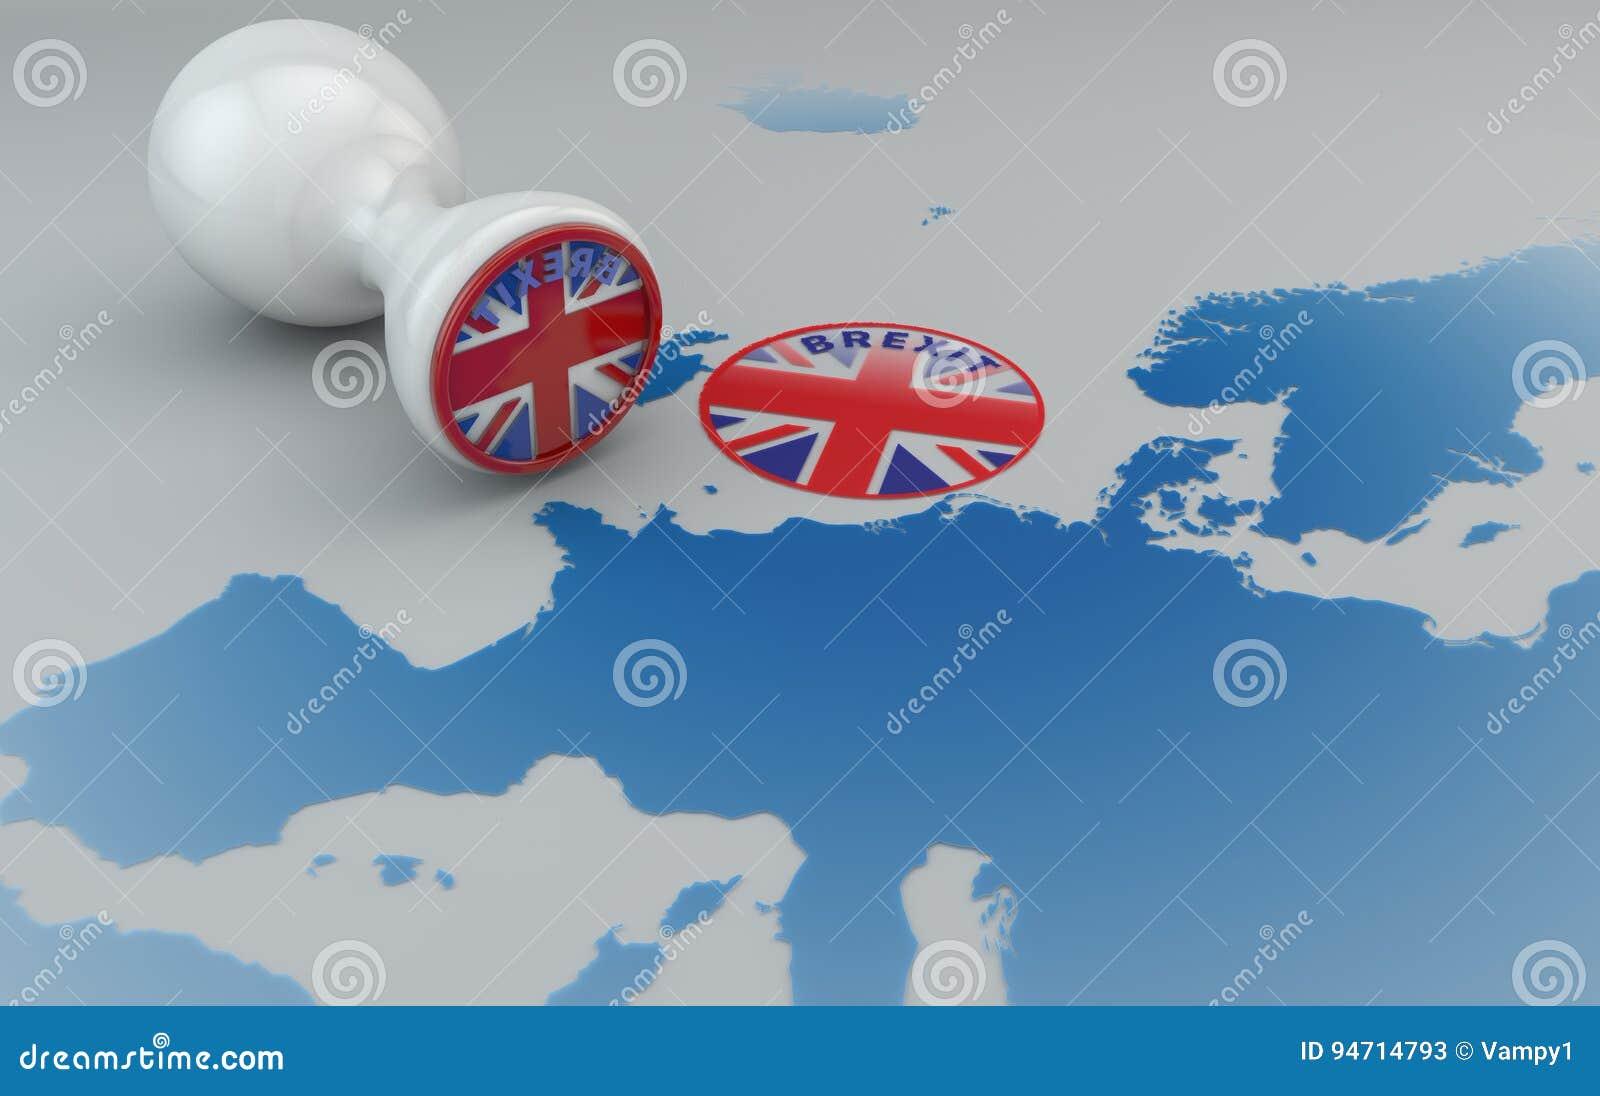 Brexit znaczek i mapa Europa, Anglia i wspólnota europejska,